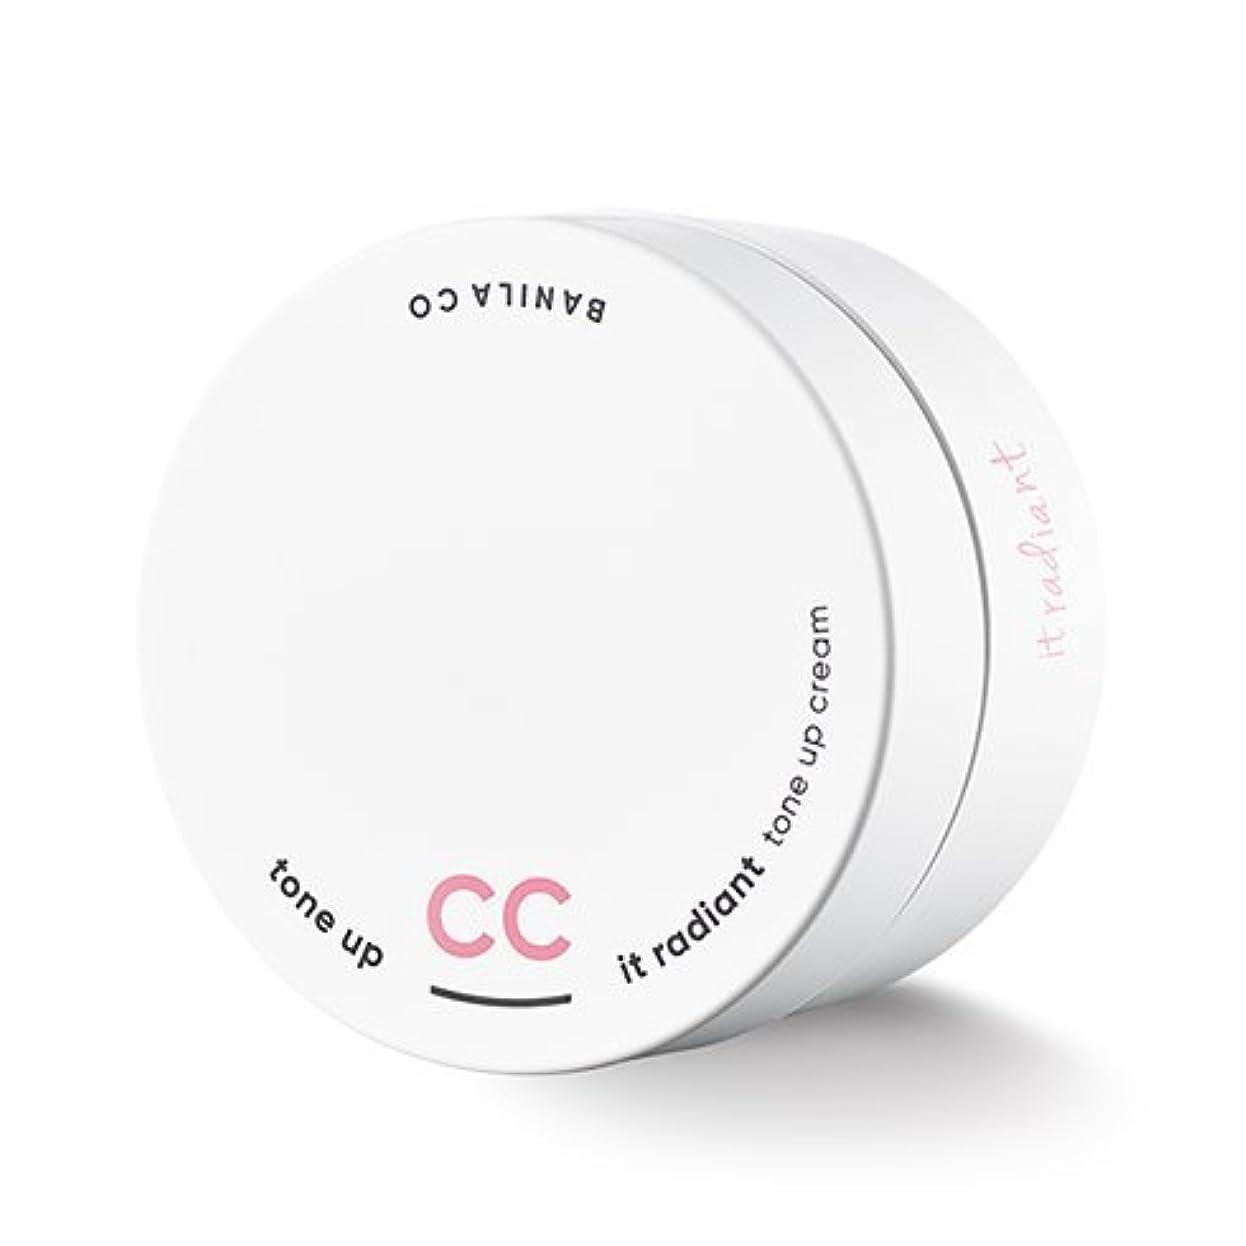 攻撃バレーボール賞賛BANILA CO It Radiant CC Tone Up Cream 50ml/バニラコ イット ラディアント CC トーンアップ クリーム 50ml [並行輸入品]